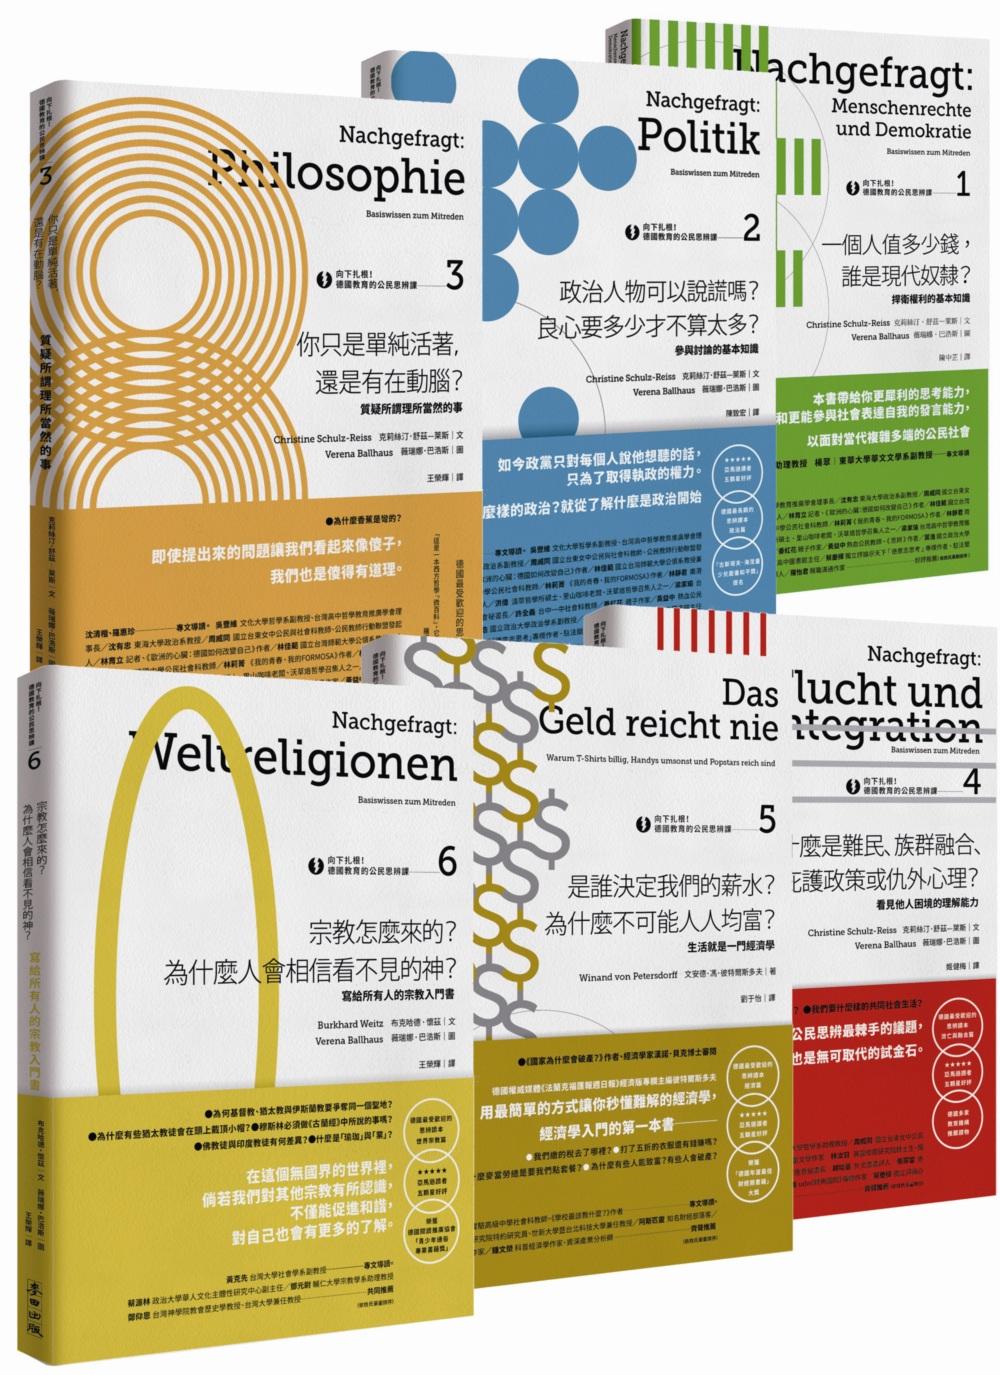 向下扎根!德國最受歡迎的思辨讀本系列1~6:人權與民主、政治、哲學、流亡與融合、經濟、世界宗教